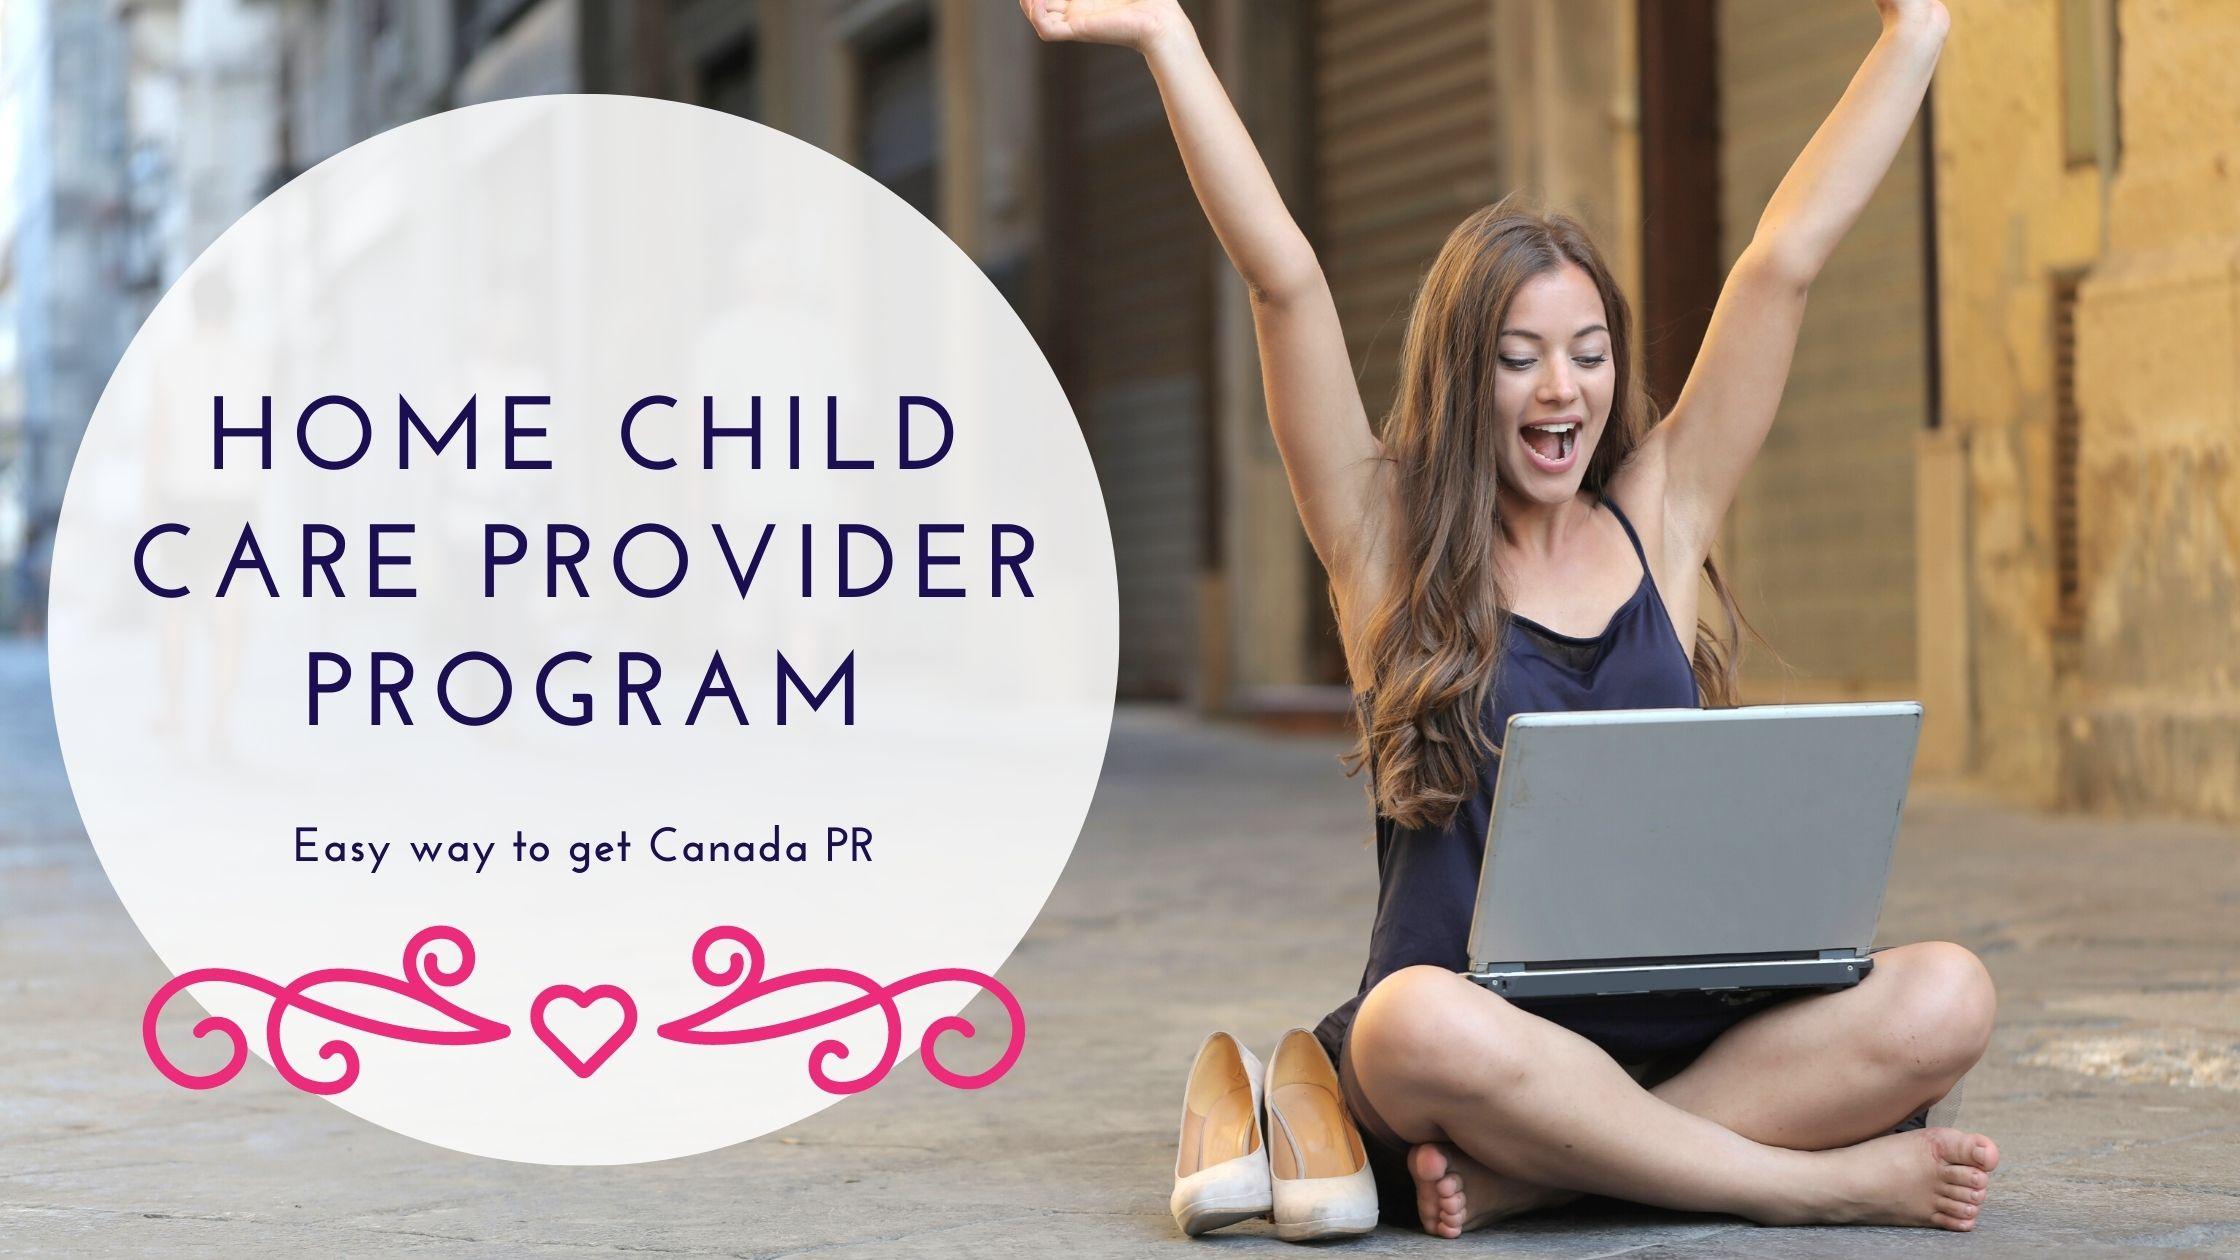 Home Child Care Provider Pilot Program: Easy way to get Canada PR